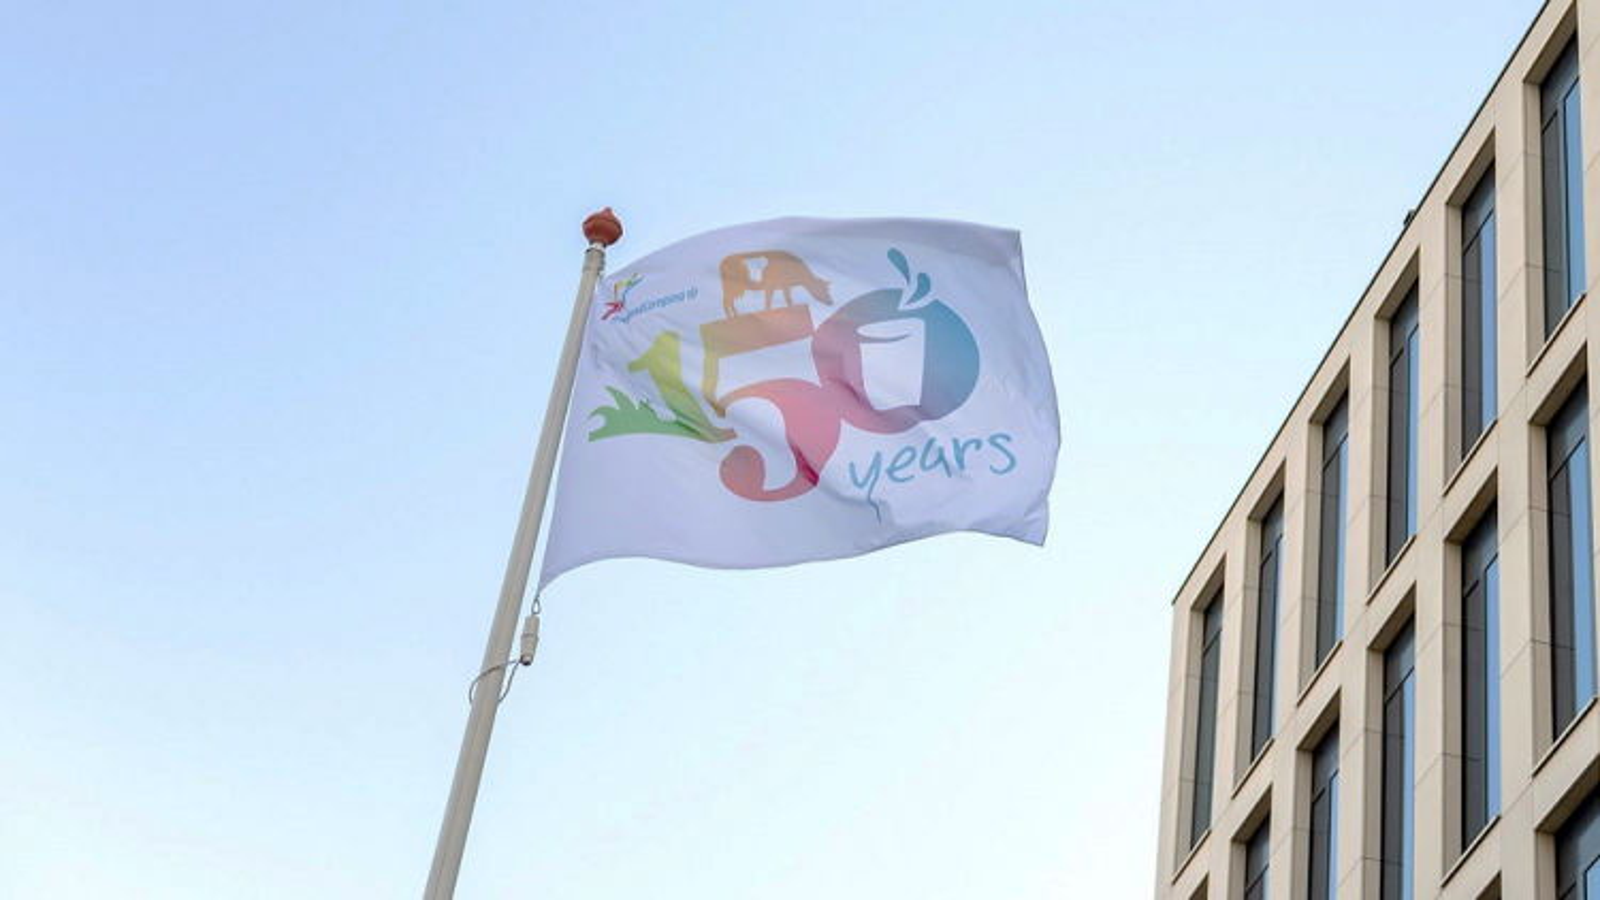 Tập đoàn FrieslandCampina vươn lên TOP 3 Sáng kiến Tiếp cận dinh dưỡng toàn cầu